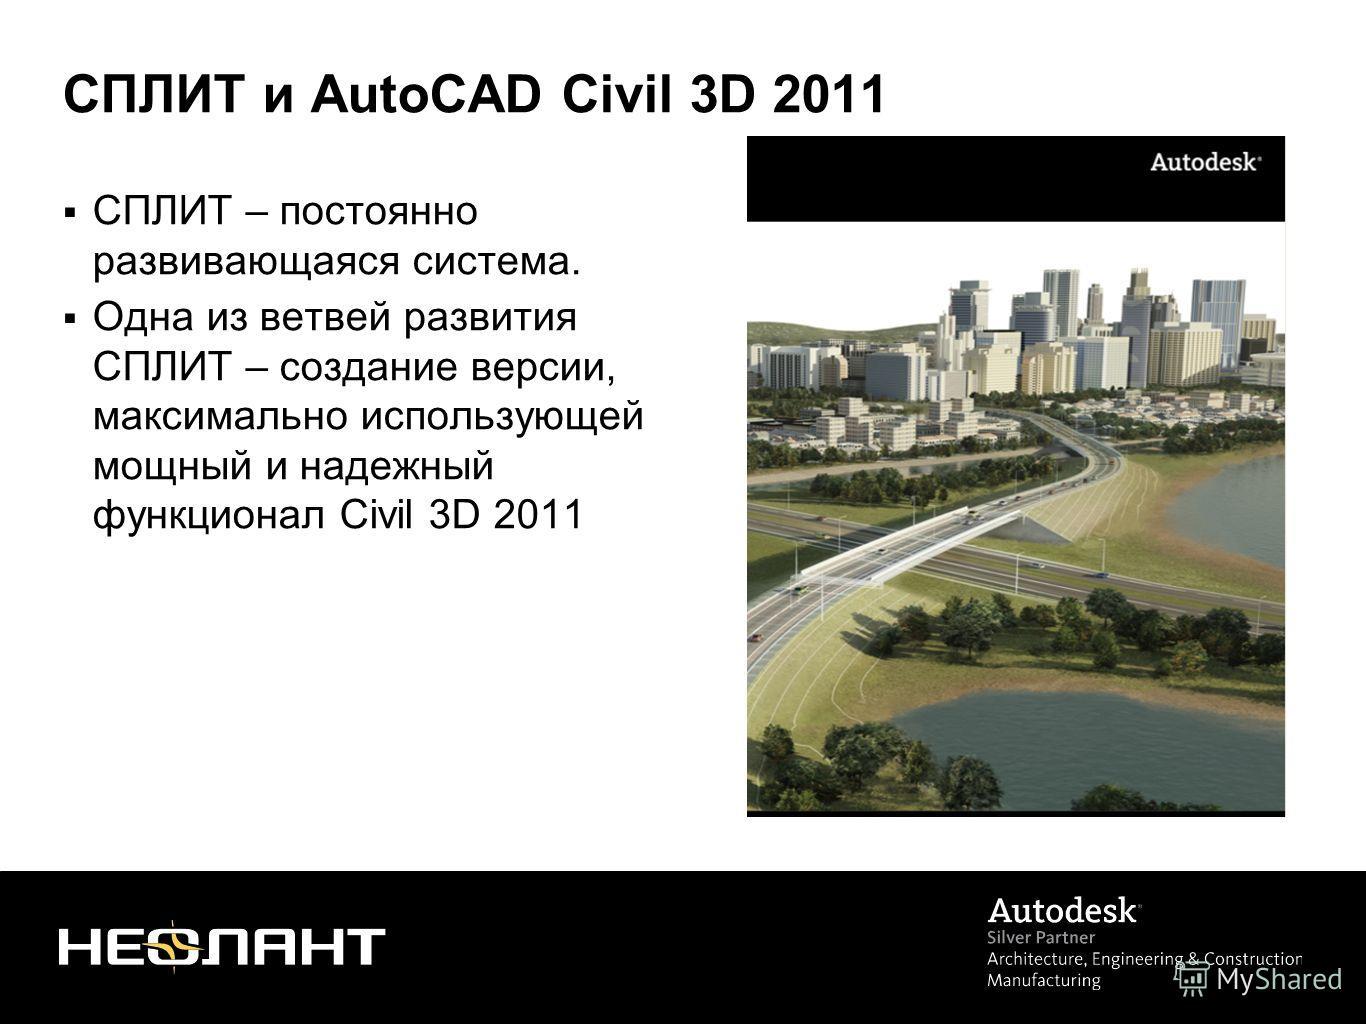 СПЛИТ и AutoCAD Civil 3D 2011 СПЛИТ – постоянно развивающаяся система. Одна из ветвей развития СПЛИТ – создание версии, максимально использующей мощный и надежный функционал Civil 3D 2011